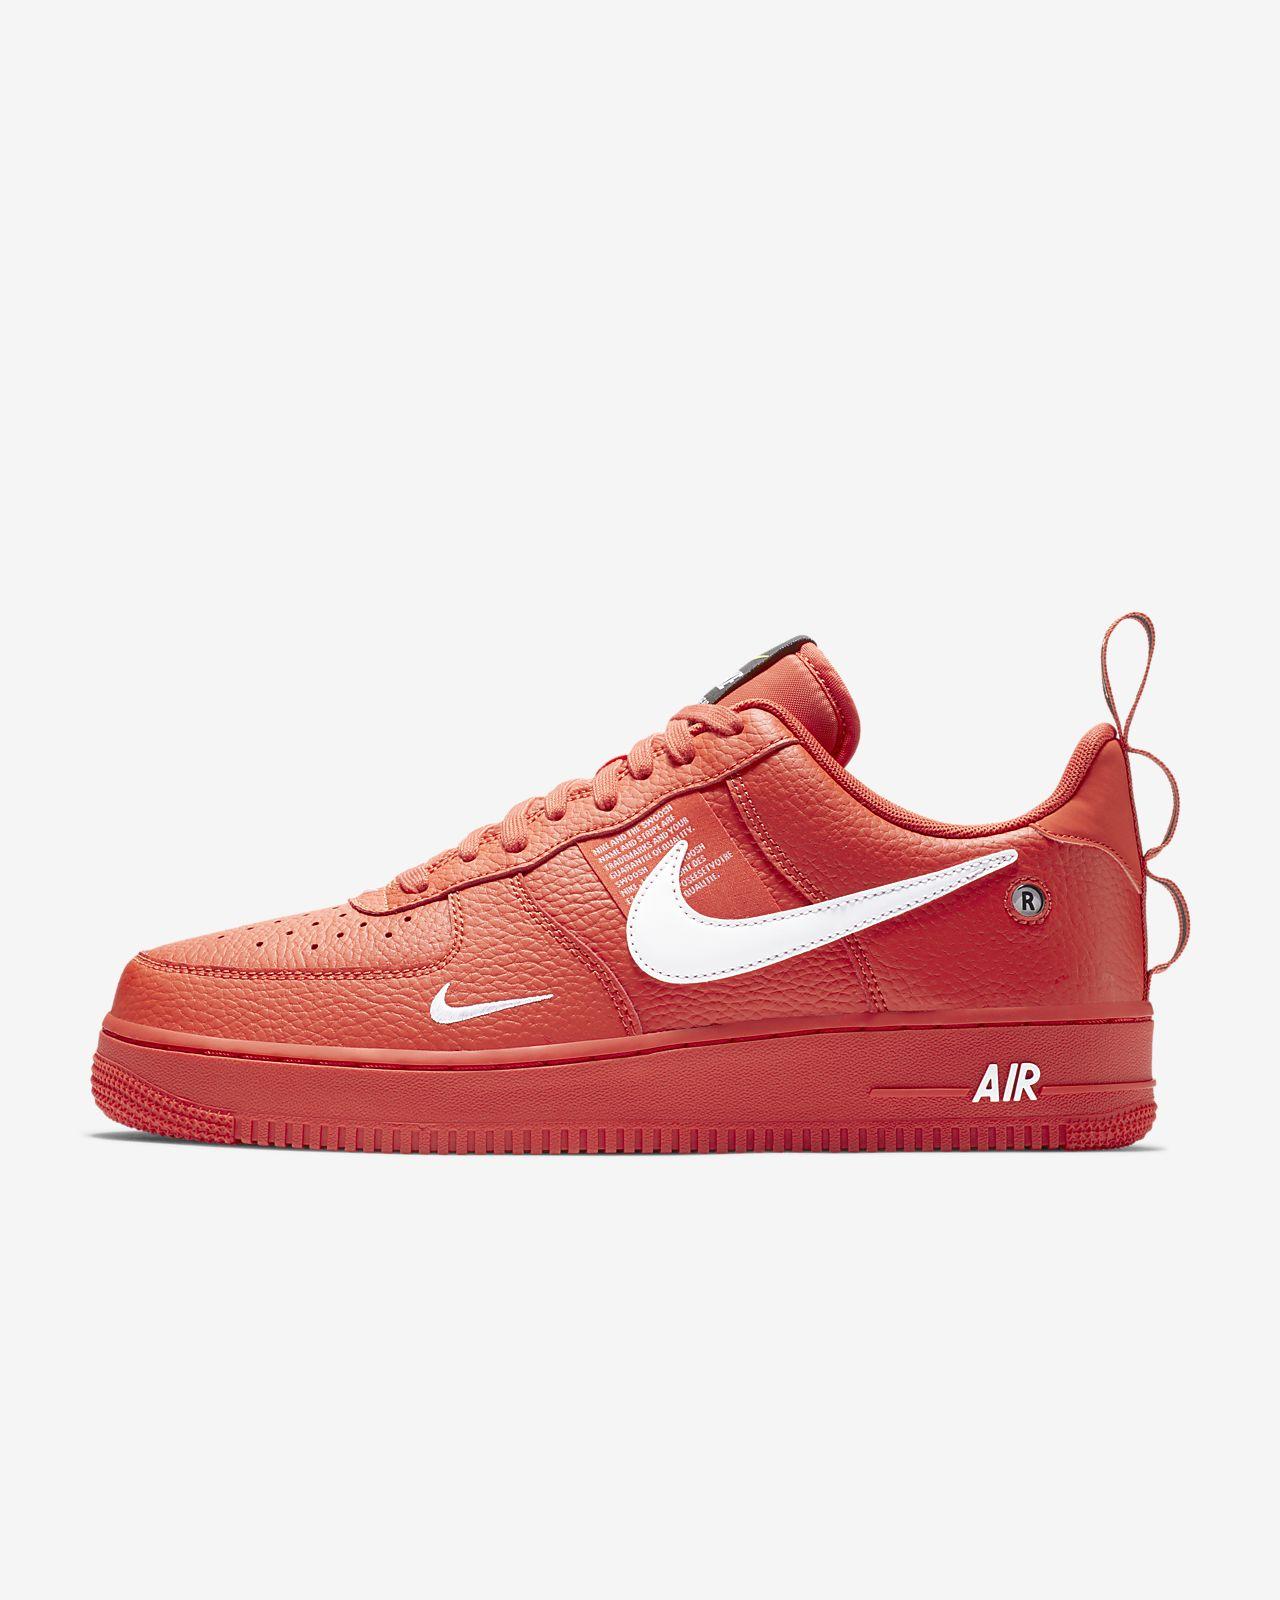 quality design 53a4c 71d76 ... Nike Air Force 1 07 LV8 Utility-sko til mænd